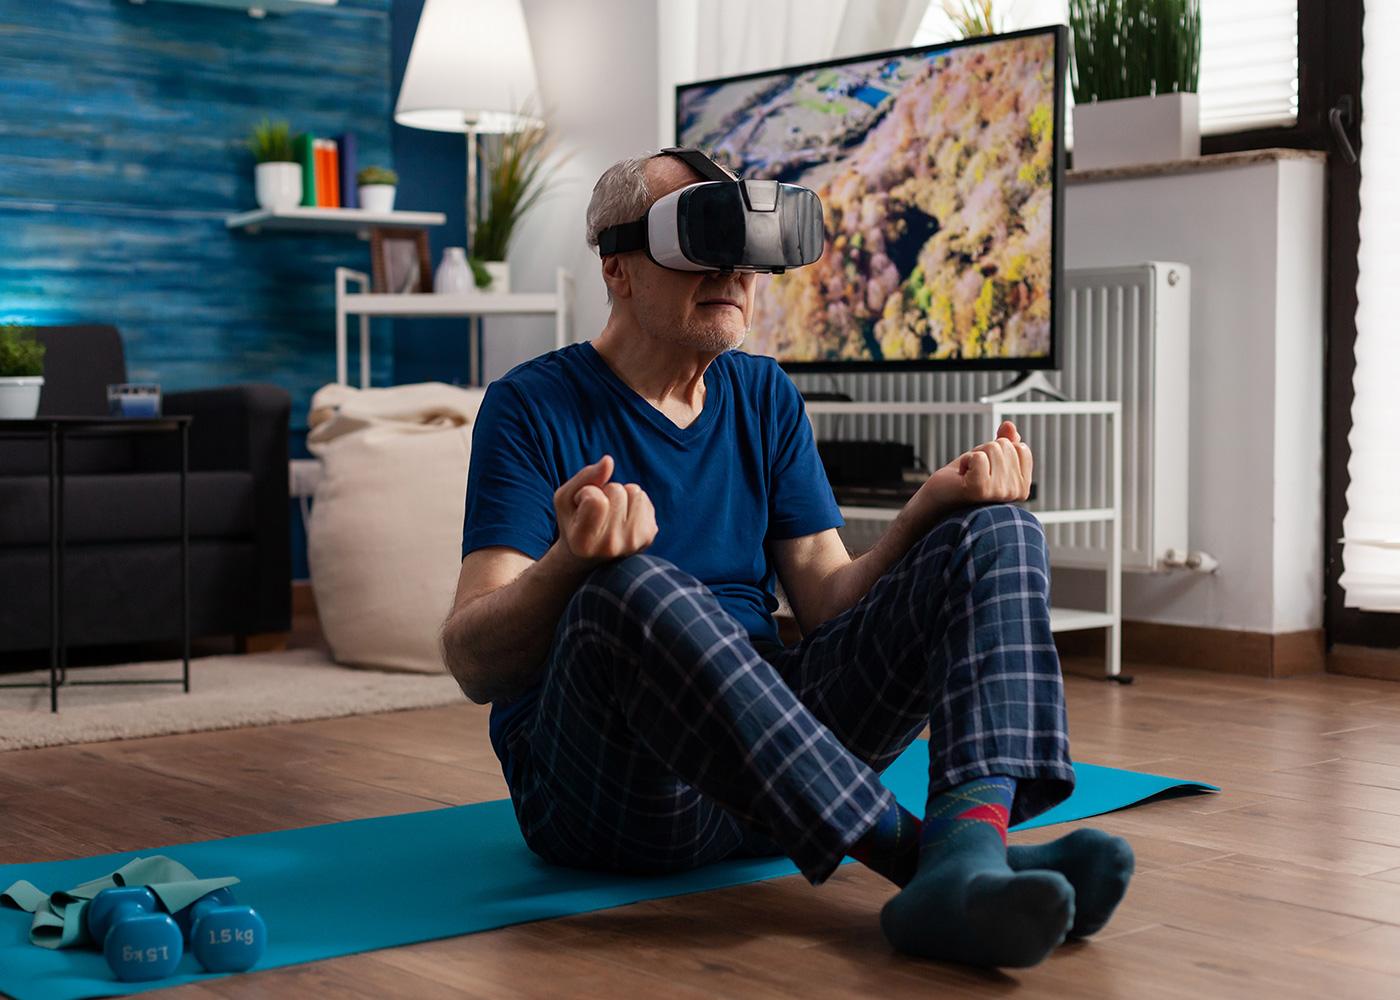 realite virtuelle ehpad